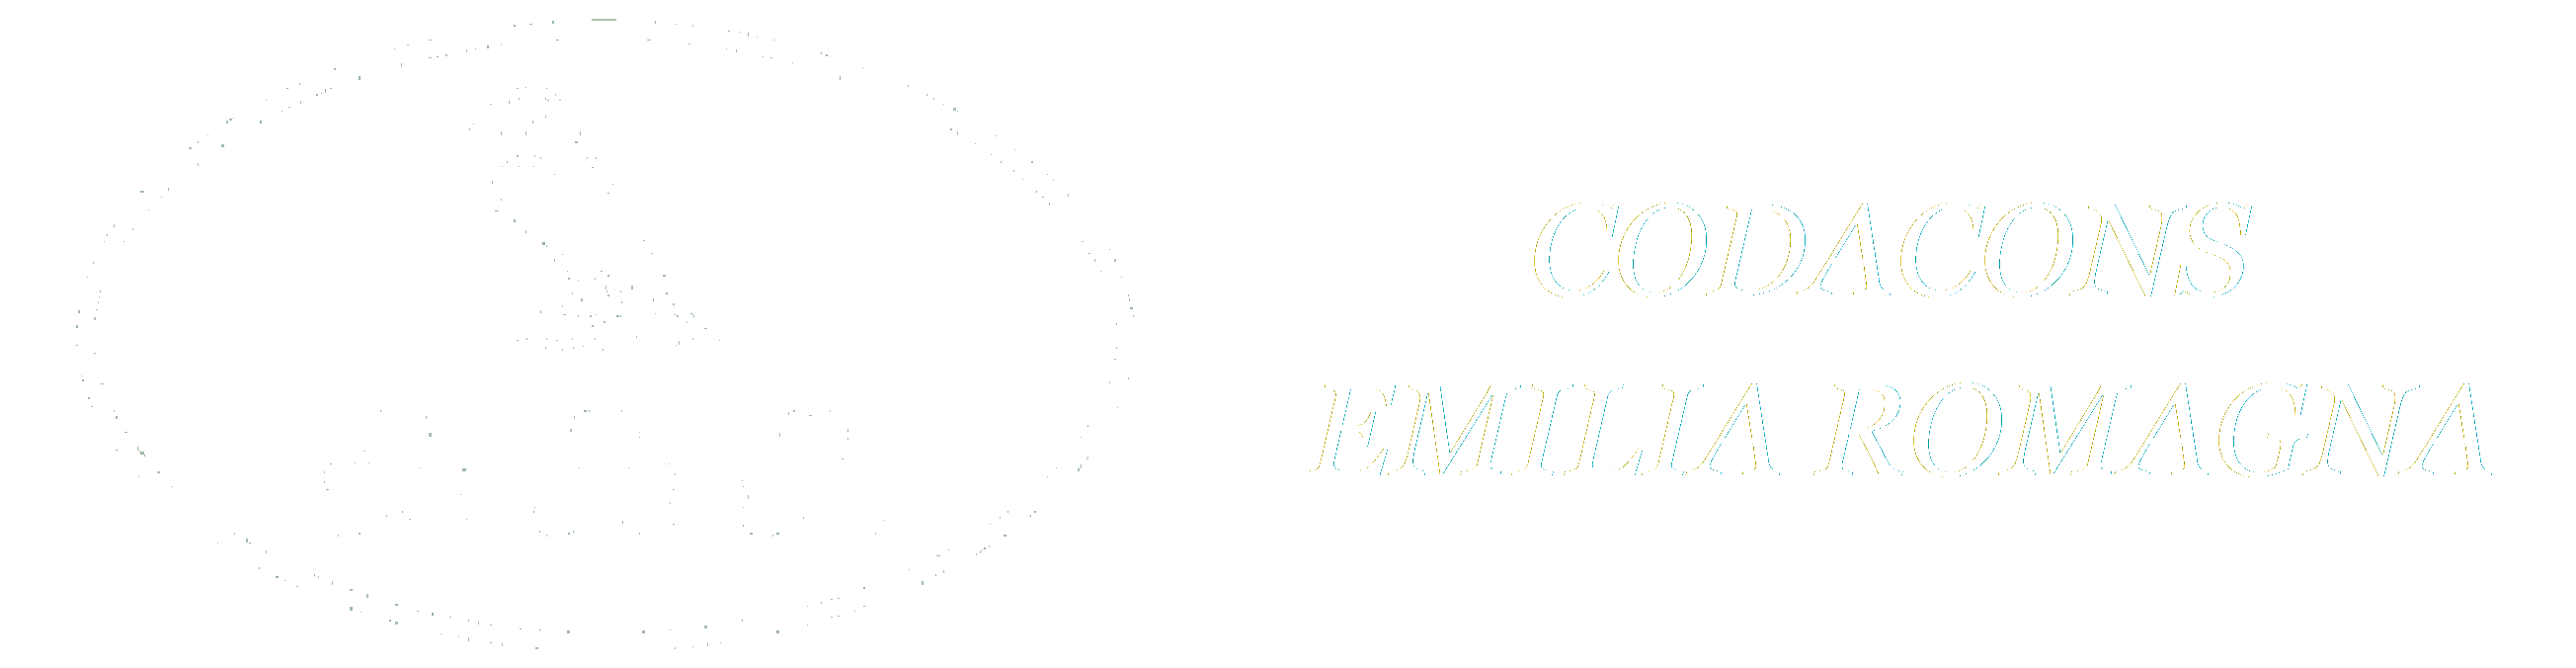 Codacons Emilia Romagna